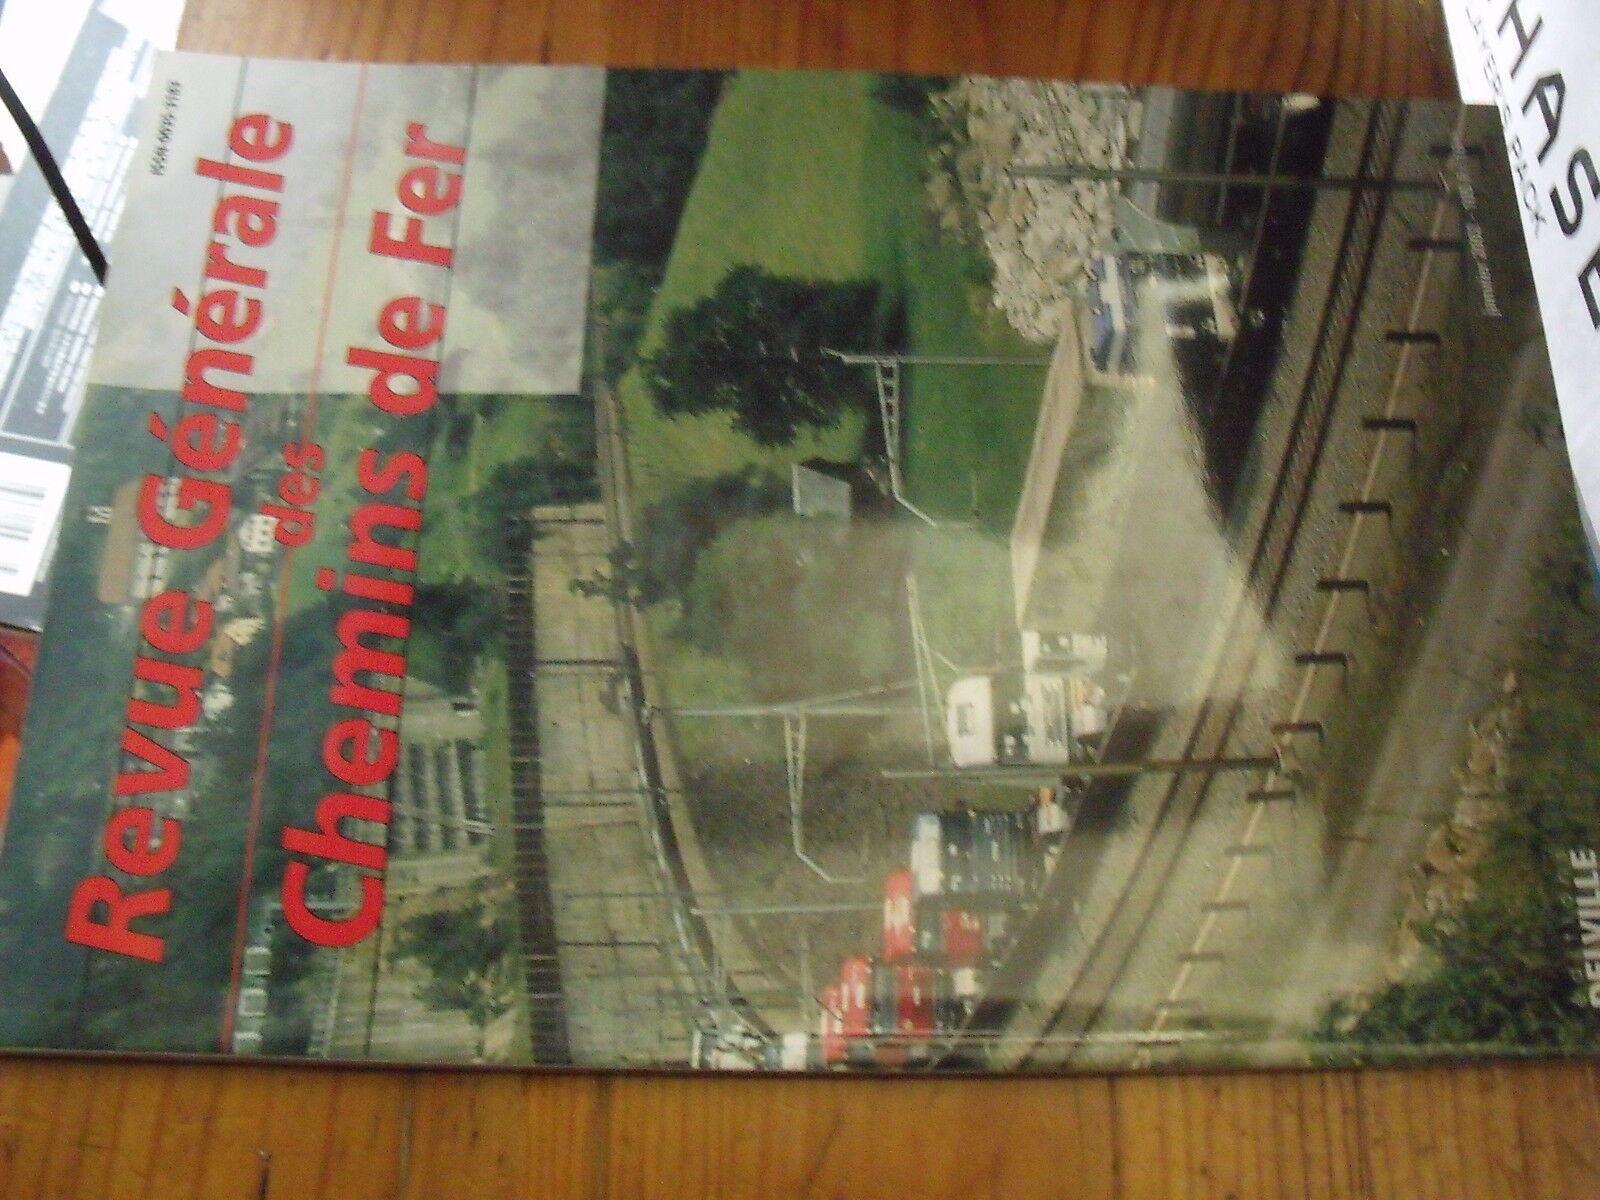 RGCF Revue Generale des Chemins de Fer 01 2002 Camions sur train BB 36000 E 402B